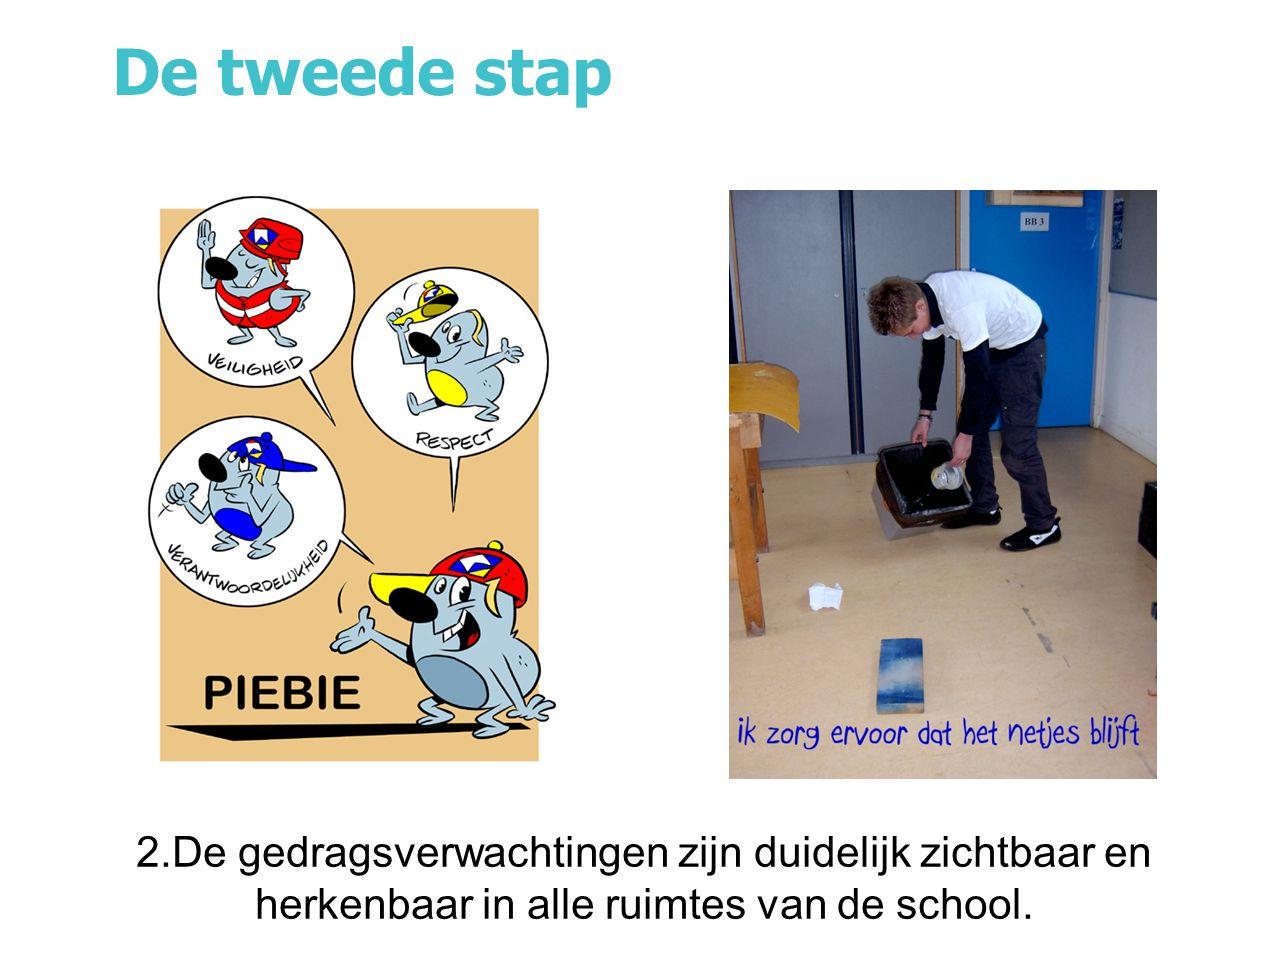 De tweede stap 2.De gedragsverwachtingen zijn duidelijk zichtbaar en herkenbaar in alle ruimtes van de school.